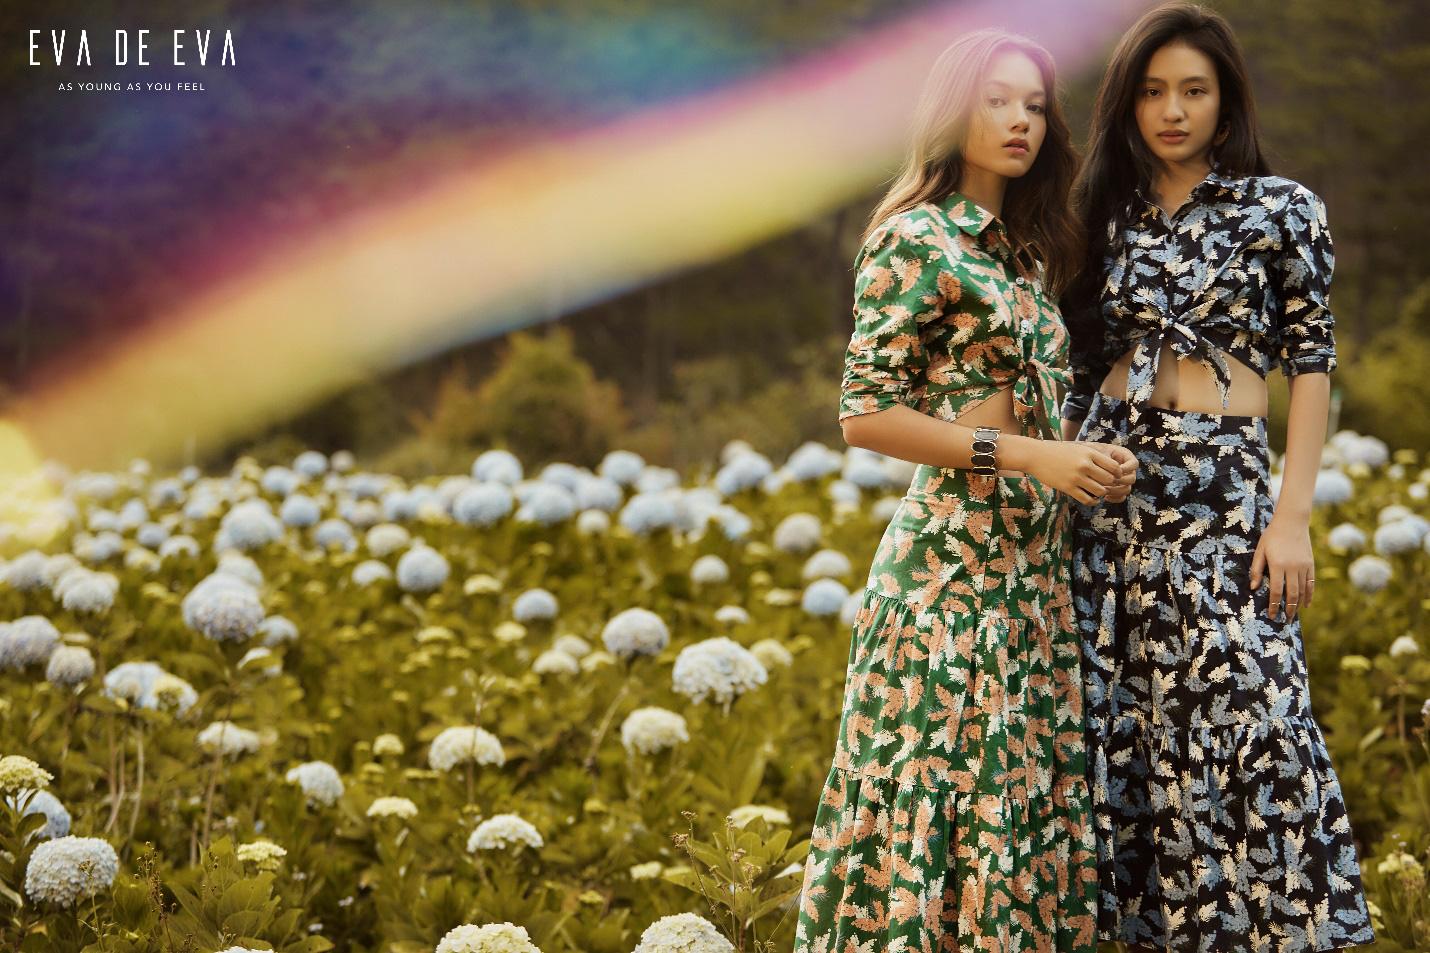 """Phải lên ngay những địa điểm check-in siêu hot ở Đà Lạt, cập nhật trend camping cực chill, chụp bộ ảnh fashion """"ngàn like""""! - Ảnh 1."""